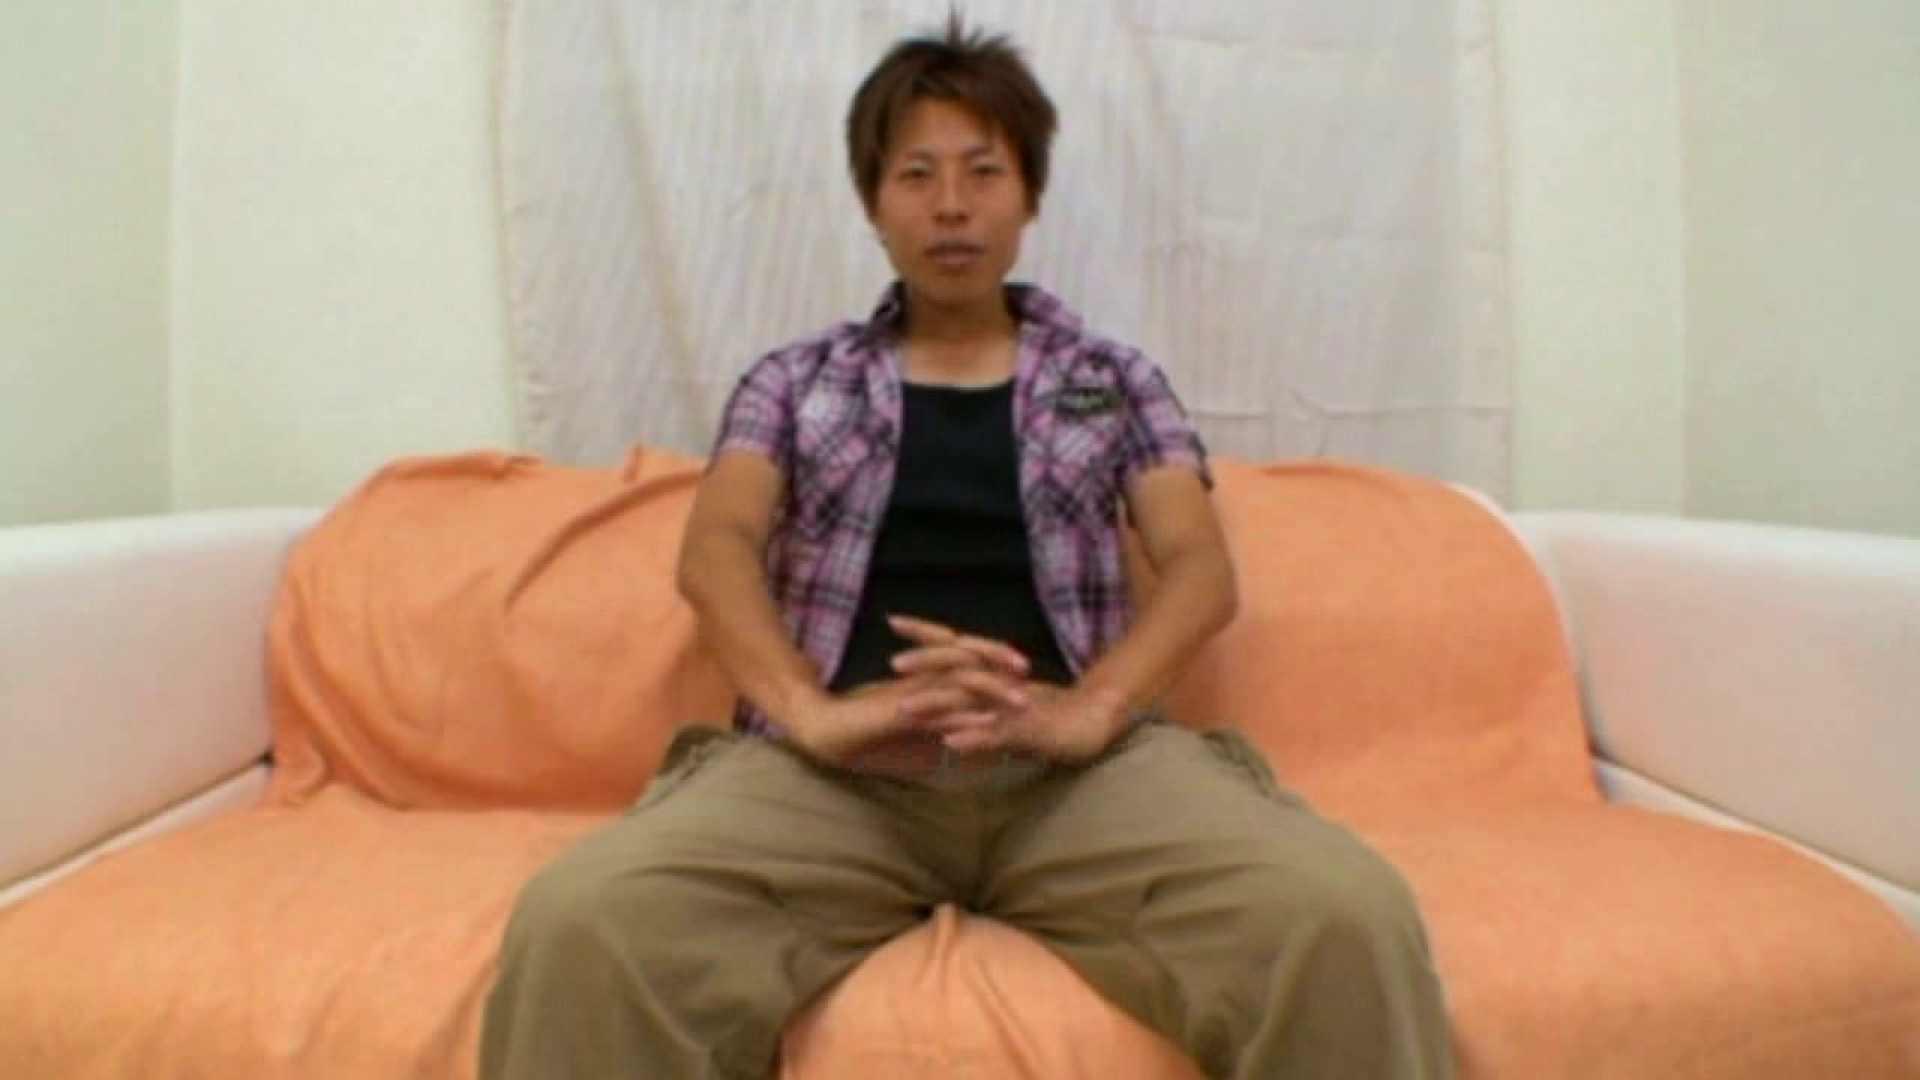 ノンケ!自慰スタジオ No.10 オナニー ゲイセックス画像 83pic 58